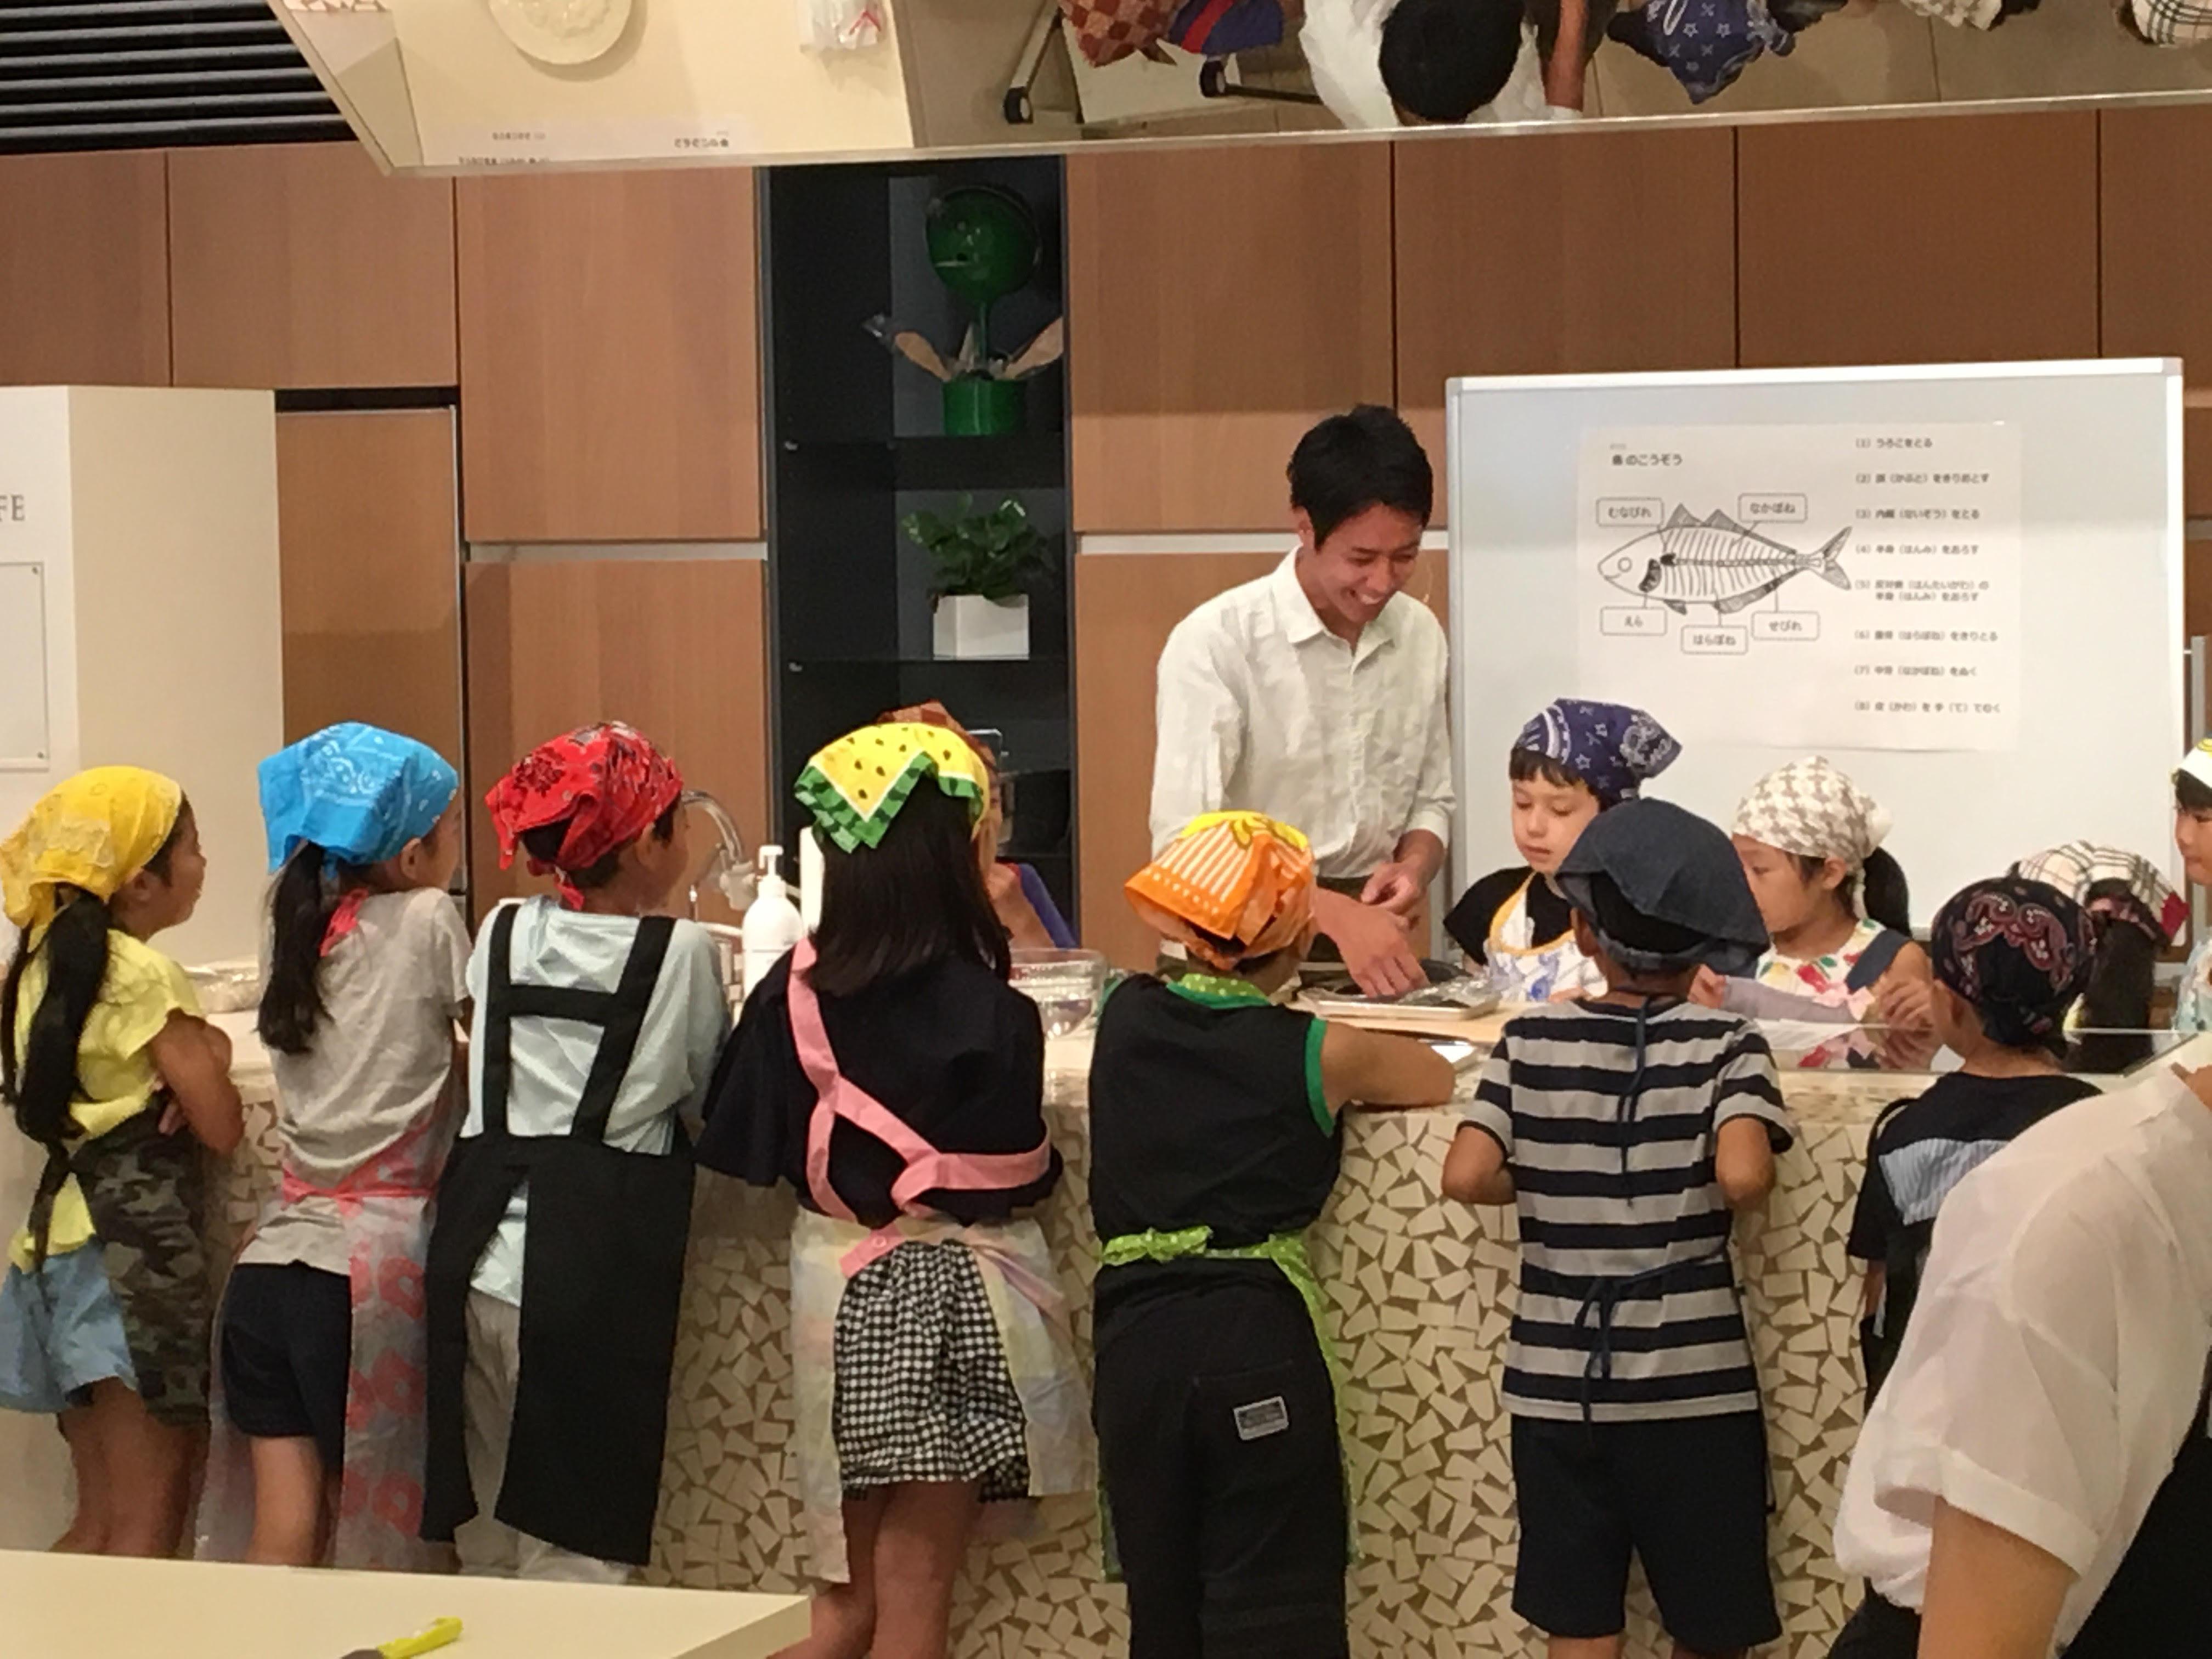 高橋善郎:貝印株式会社「子供向け包丁講座」イベント